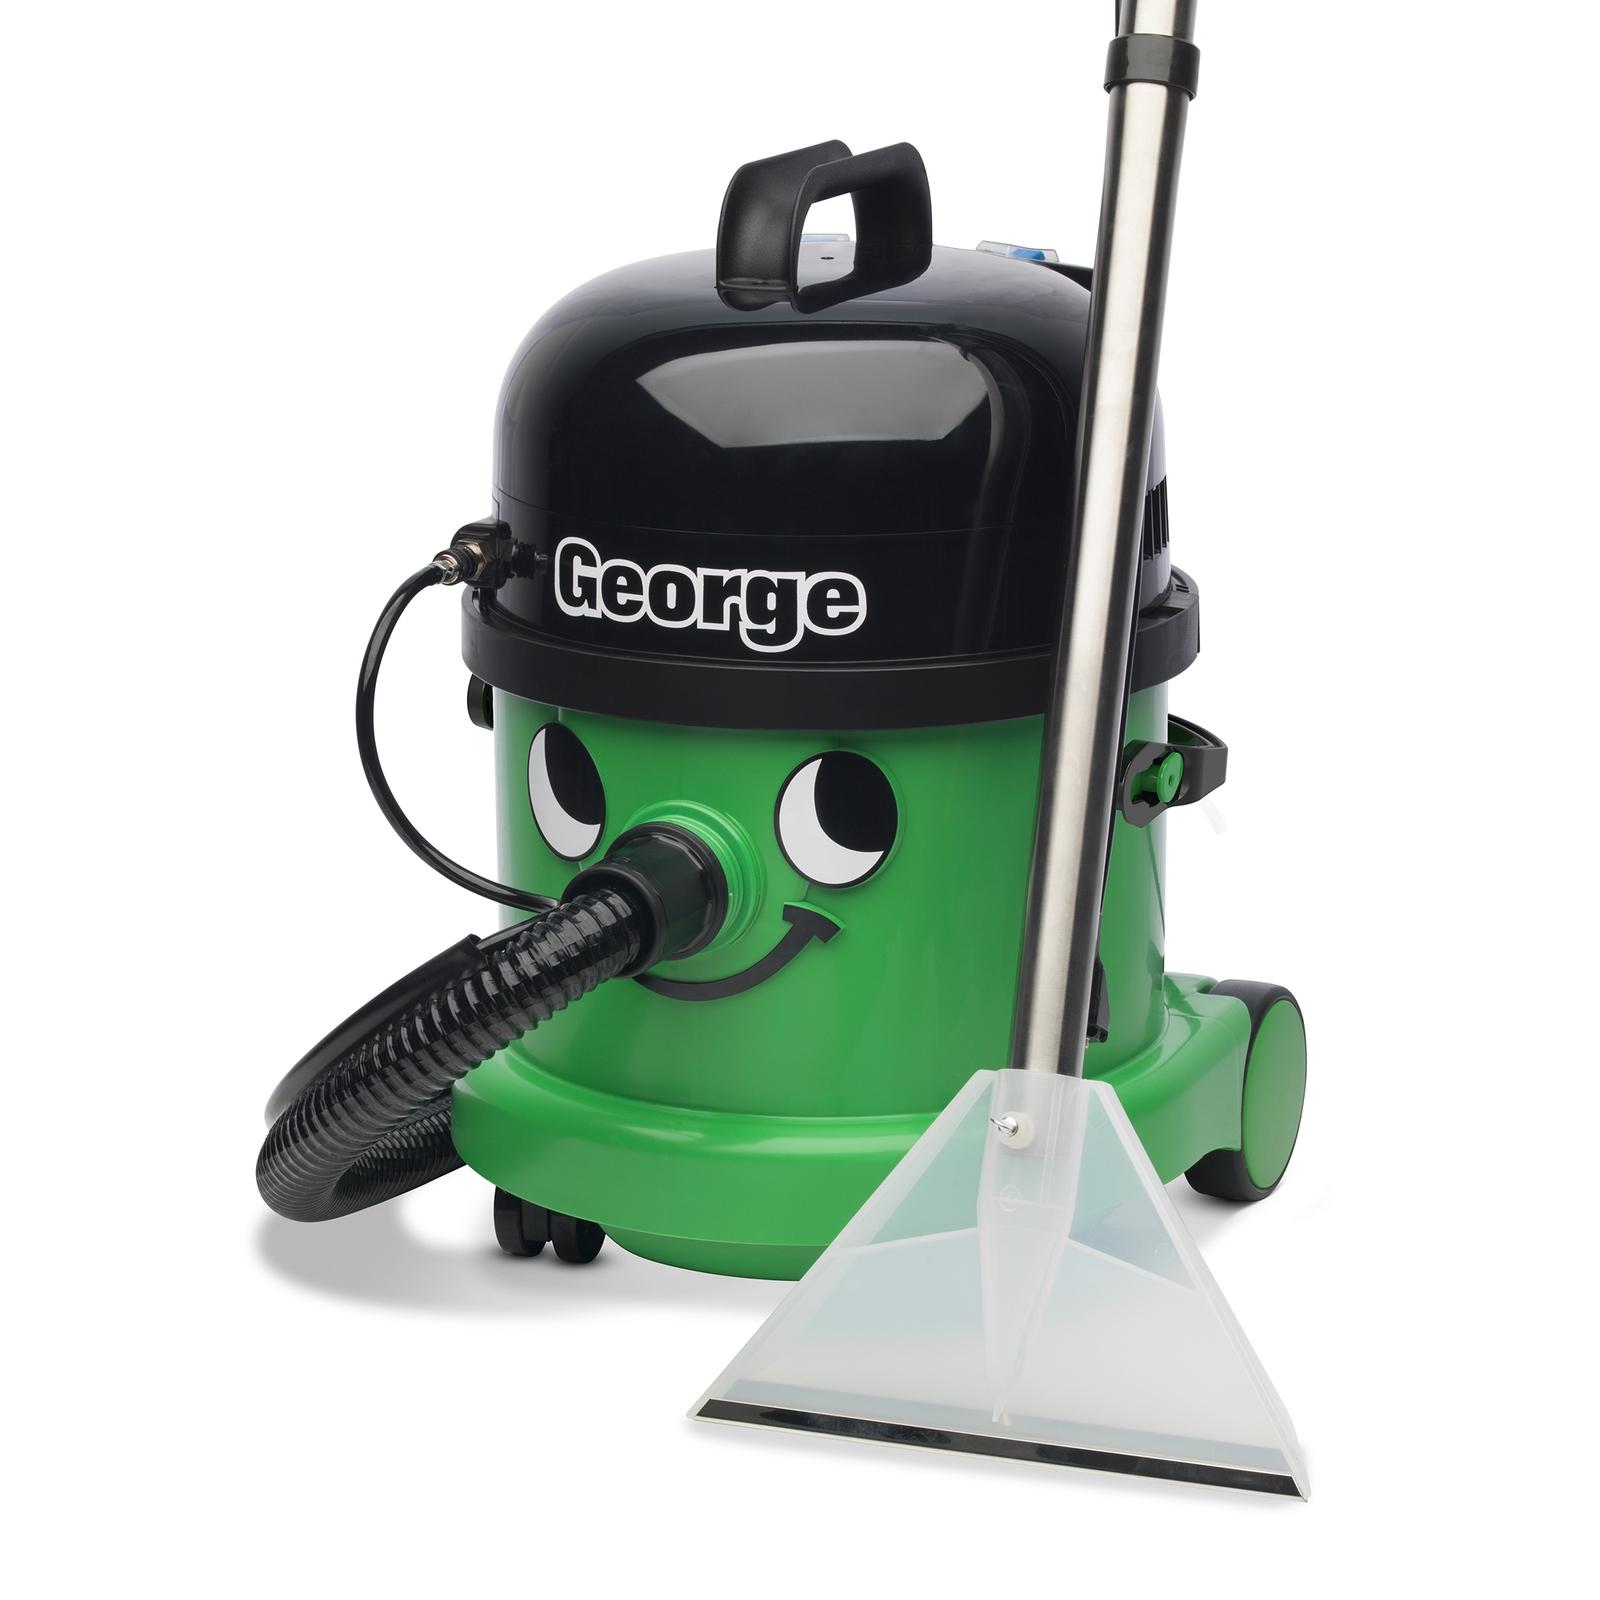 Numatic George GVE370-2 Vacuum Cleaner